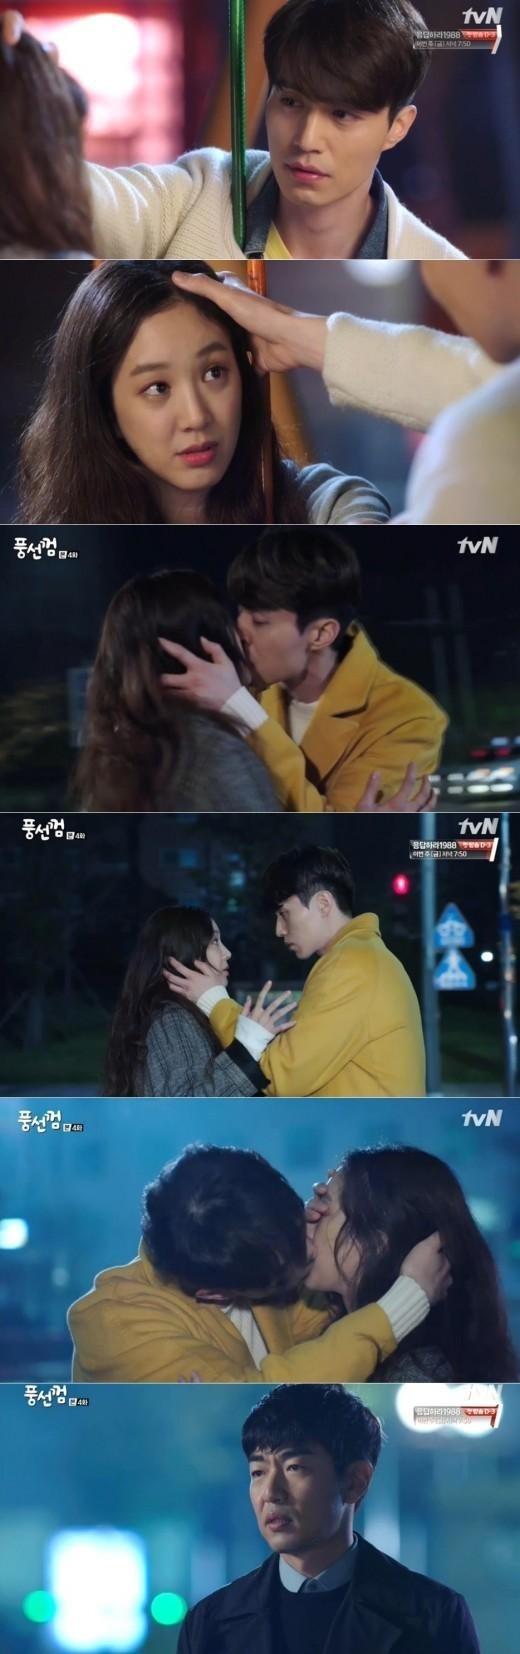 「風船ガム」イ・ドンウク&チョン・リョウォンのキス、友情の果てに恋が始まる?